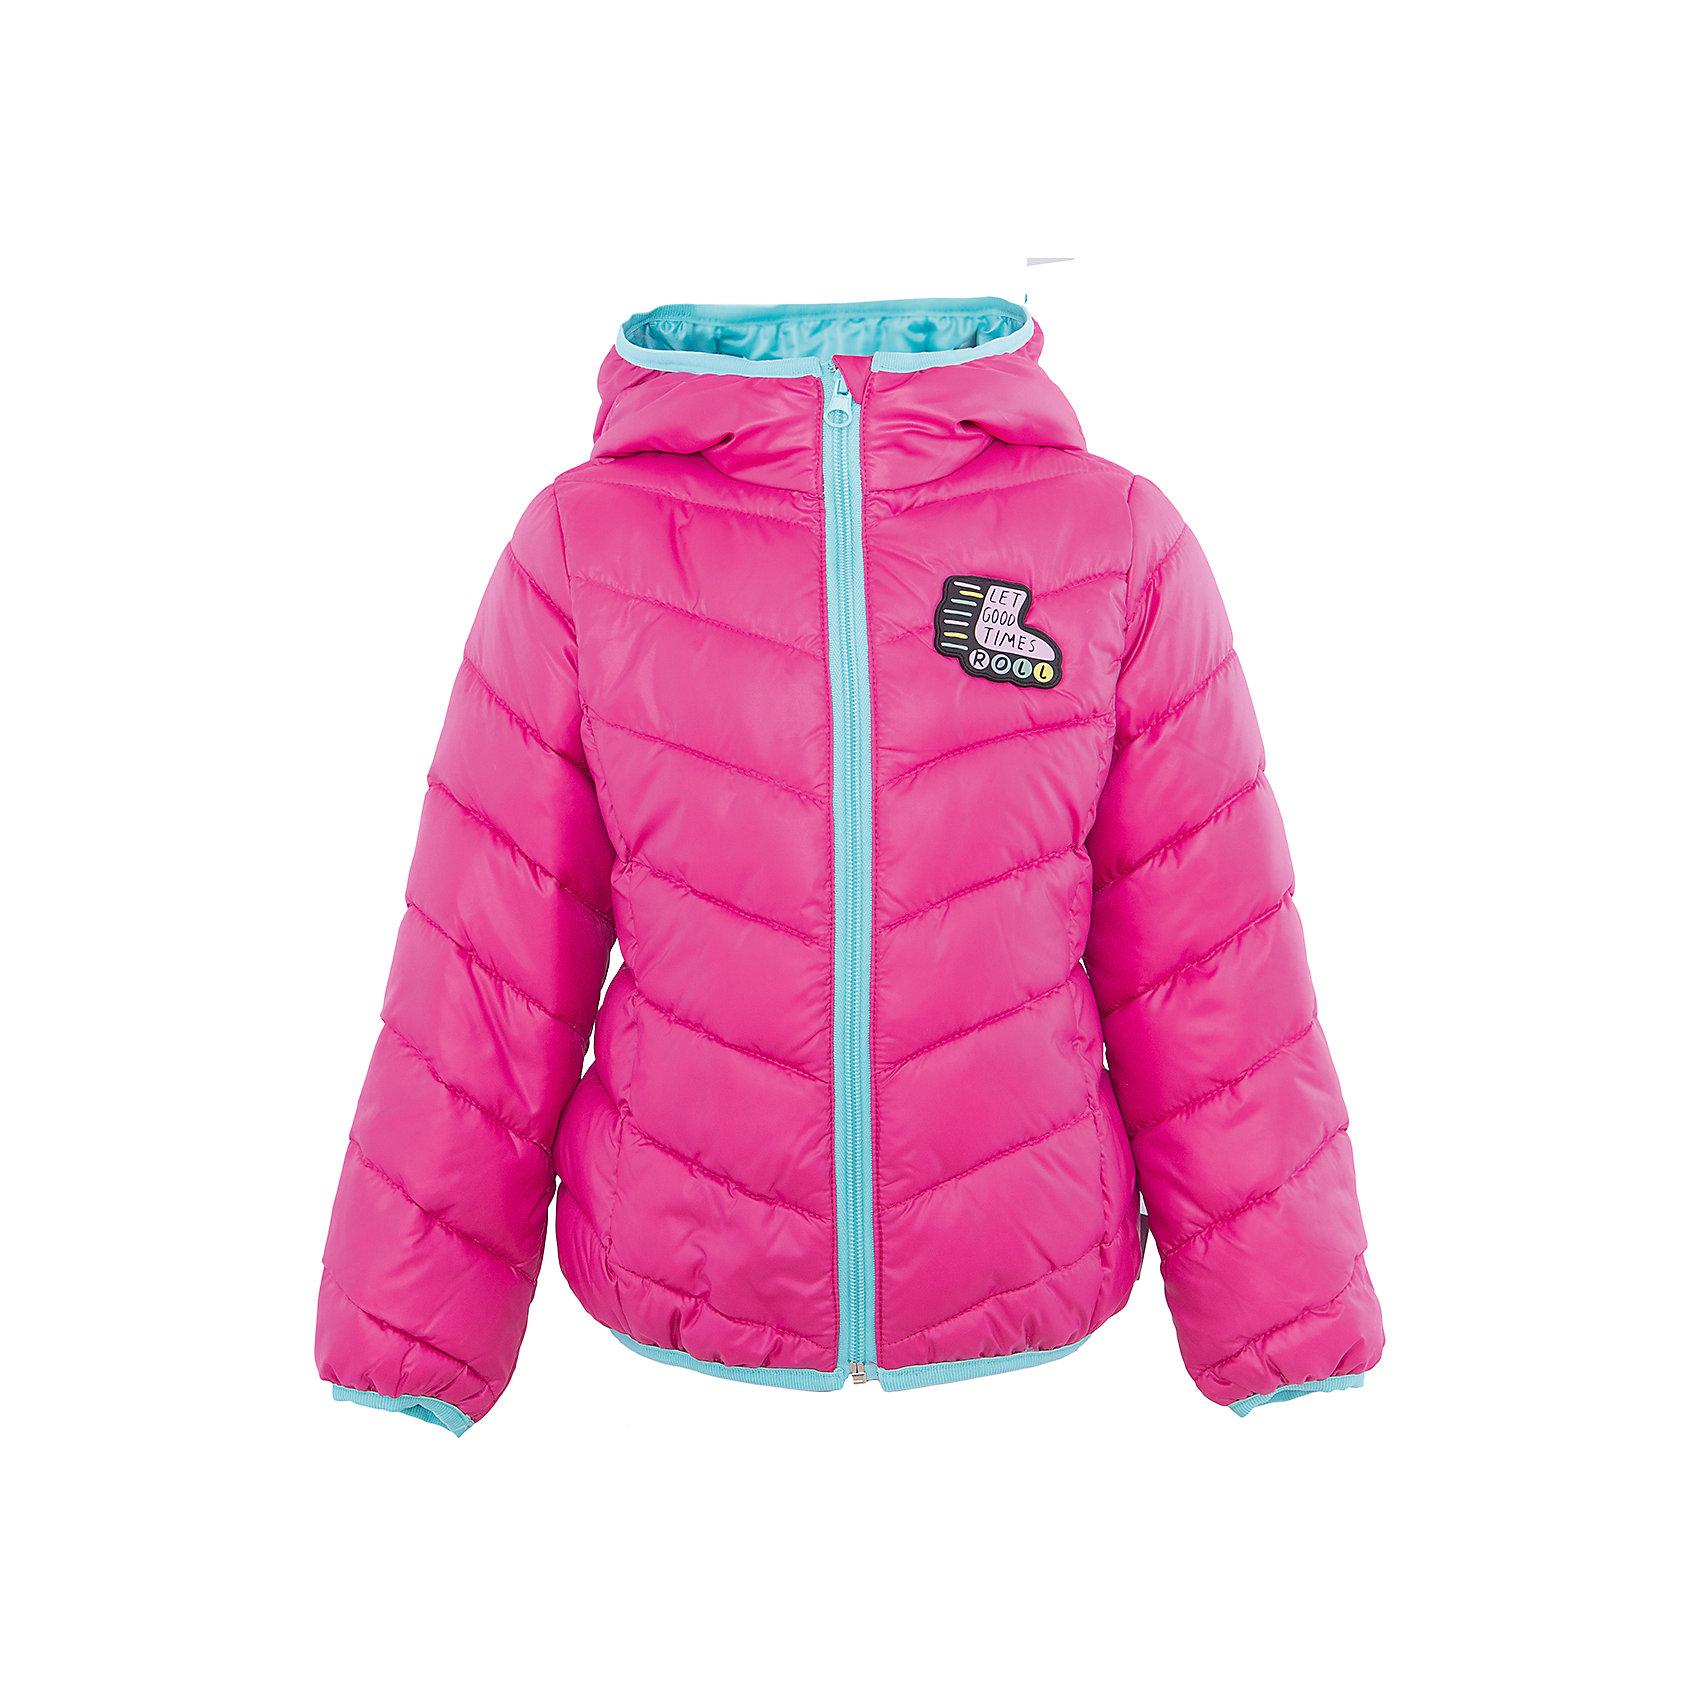 Куртка для девочки BOOM by OrbyВерхняя одежда<br>Характеристики товара:<br><br>• цвет: розовый<br>• состав: 100% полиэстер<br>• верхняя ткань: Таффета oil cire PU<br>• подкладка: ПЭ пуходержащий<br>• наполнитель: Эко-синтепон 150 г/м2<br>• температурный режим: от +10°до 0°С<br>• прочный материал<br>• капюшон (не отстегивается)<br>• застежка - молния<br>• демисезонная<br>• стеганая<br>• декорирована нашивкой<br>• комфортная посадка<br>• страна производства: Российская Федерация<br>• страна бренда: Российская Федерация<br>• коллекция: весна-лето 2017<br><br>Одежда для детей должна быть особо комфортной! Такая курточка - отличный вариант для межсезонья с постоянно меняющейся погодой. Эта модель - модная и удобная одновременно! Изделие отличается стильным ярким дизайном. Куртка дополнена мягкой подкладкой. Вещь была разработана специально для детей.<br><br>Одежда от российского бренда BOOM by Orby уже завоевала популярностью у многих детей и их родителей. Вещи, выпускаемые компанией, качественные, продуманные и очень удобные. Для производства коллекций используются только безопасные для детей материалы. Спешите приобрести модели из новой коллекции Весна-лето 2017! <br><br>Куртку для девочки от бренда BOOM by Orby можно купить в нашем интернет-магазине.<br><br>Ширина мм: 356<br>Глубина мм: 10<br>Высота мм: 245<br>Вес г: 519<br>Цвет: розовый<br>Возраст от месяцев: 36<br>Возраст до месяцев: 48<br>Пол: Женский<br>Возраст: Детский<br>Размер: 104,158,110,98,116,122,128,134,140,146,152<br>SKU: 5342953